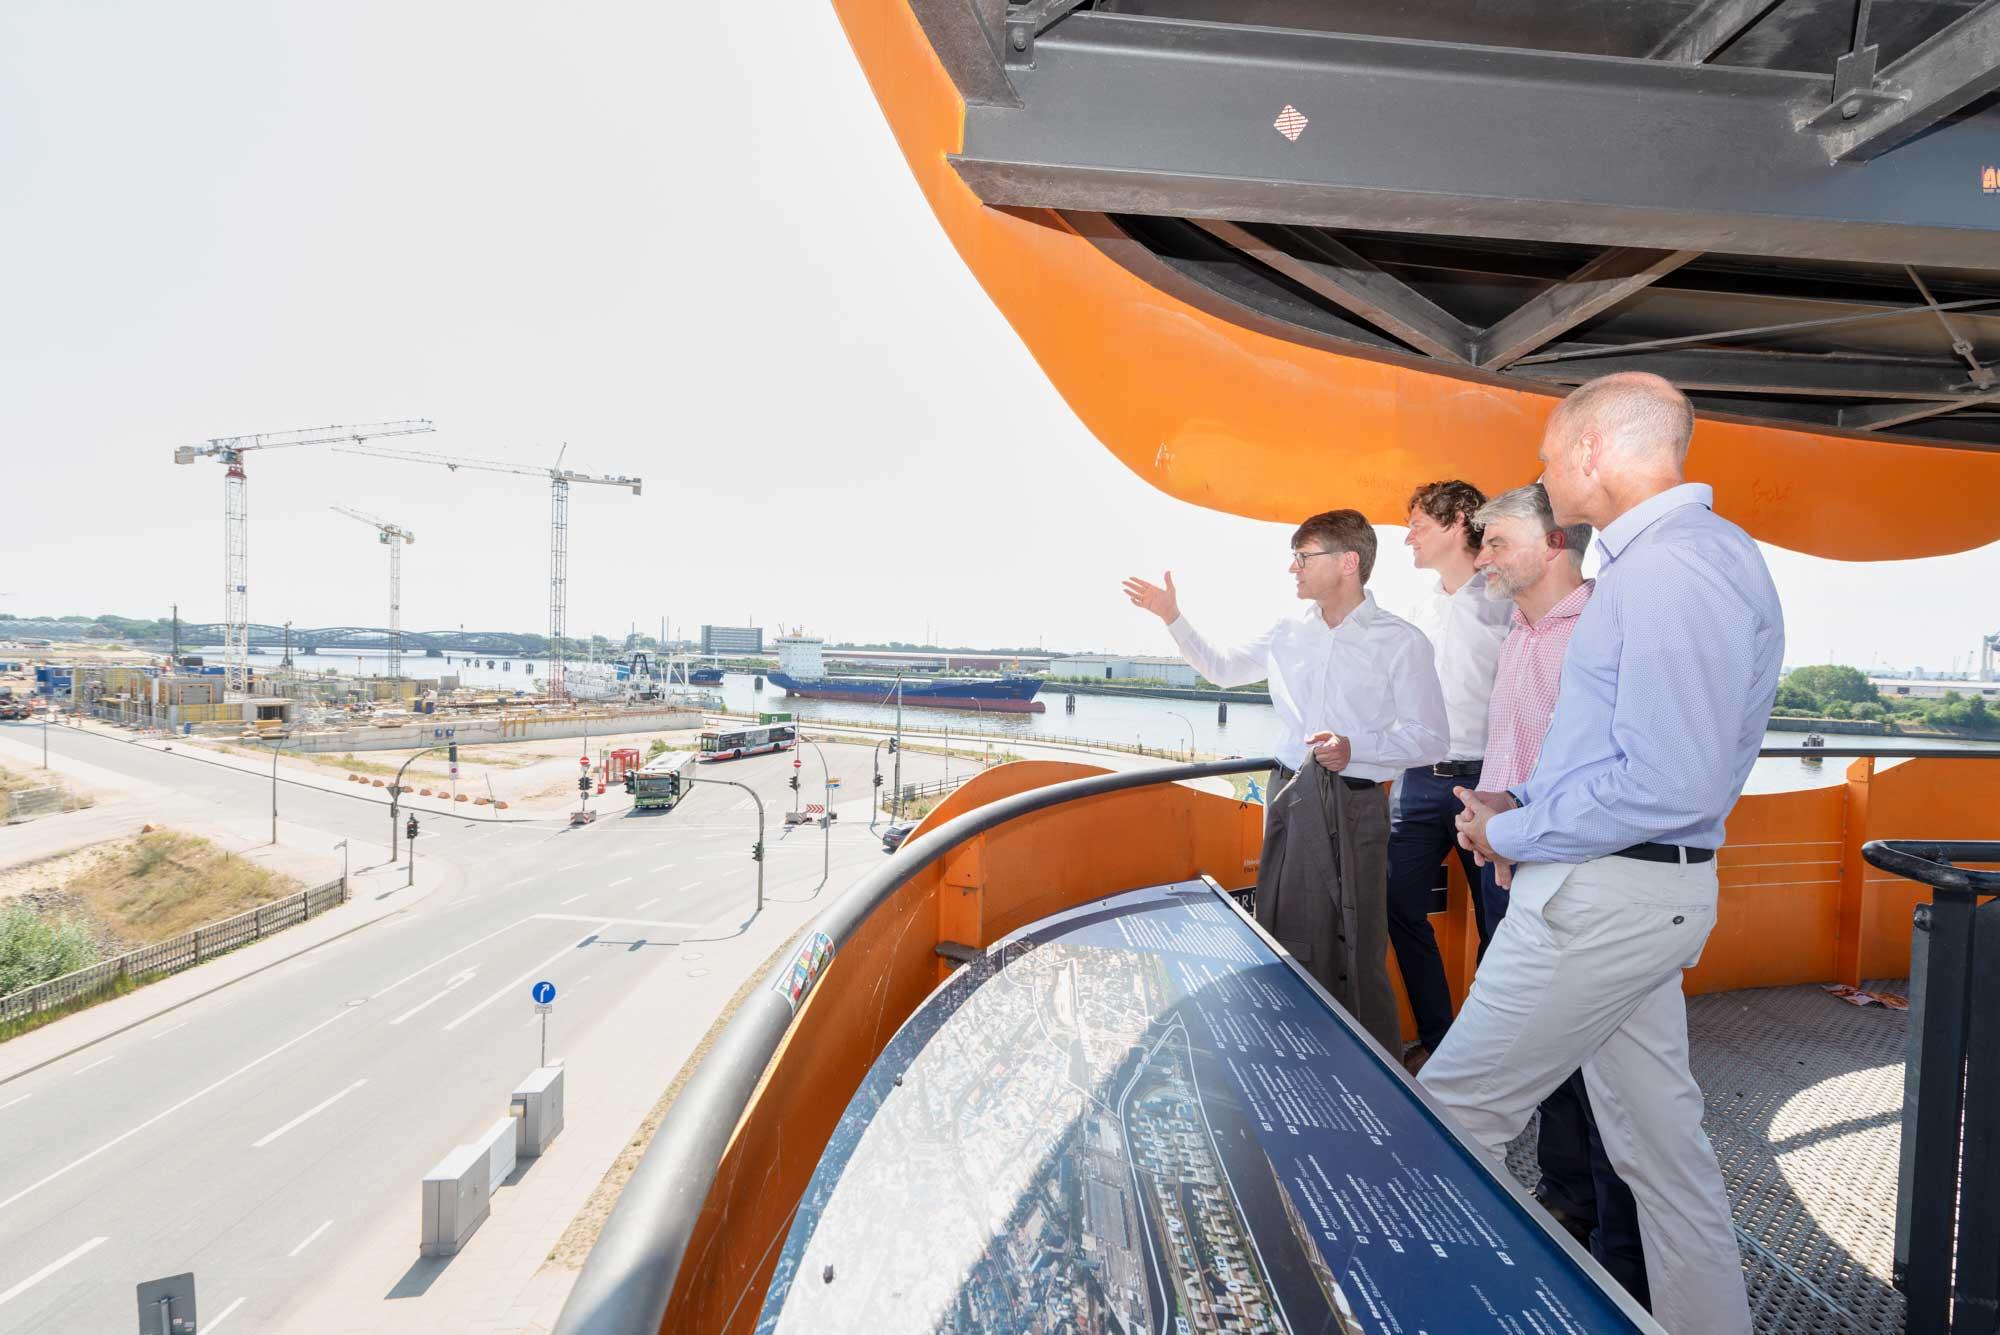 Giselher Schultz-Berndt und Ulf Bodenhagen zeigen Christian Kipper und Markus Winkler die Baustelle, wo FESTLAND entsteht.